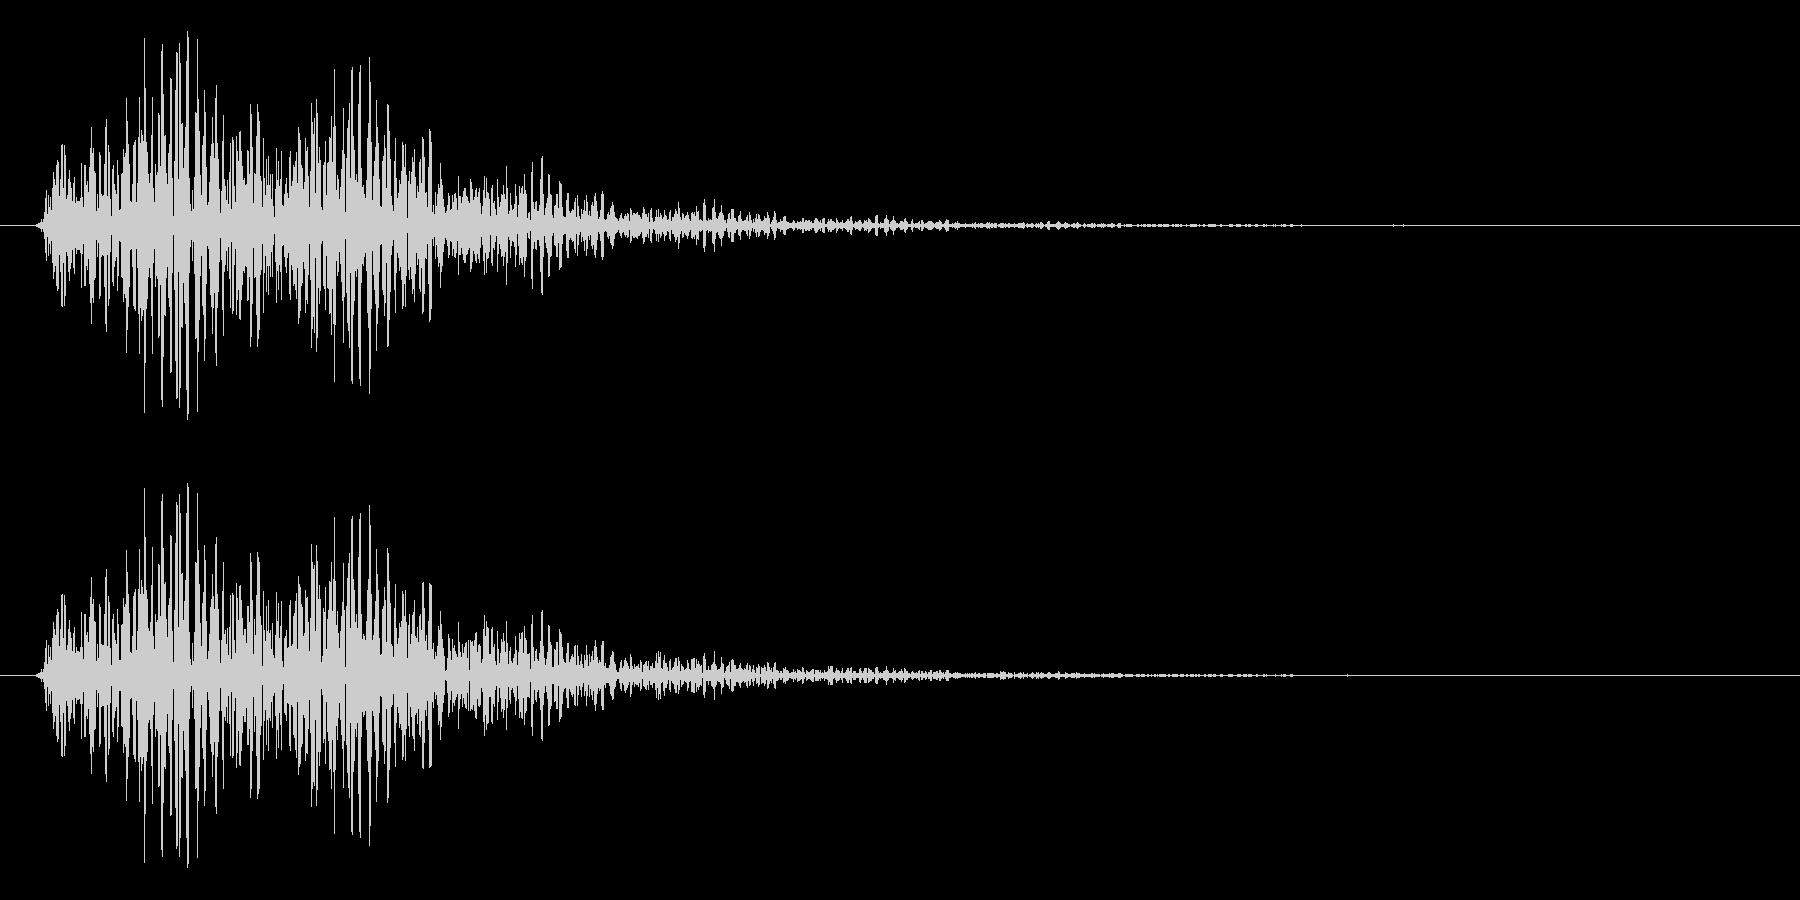 テクノロジーイメージ・エラー音(ブーン)の未再生の波形